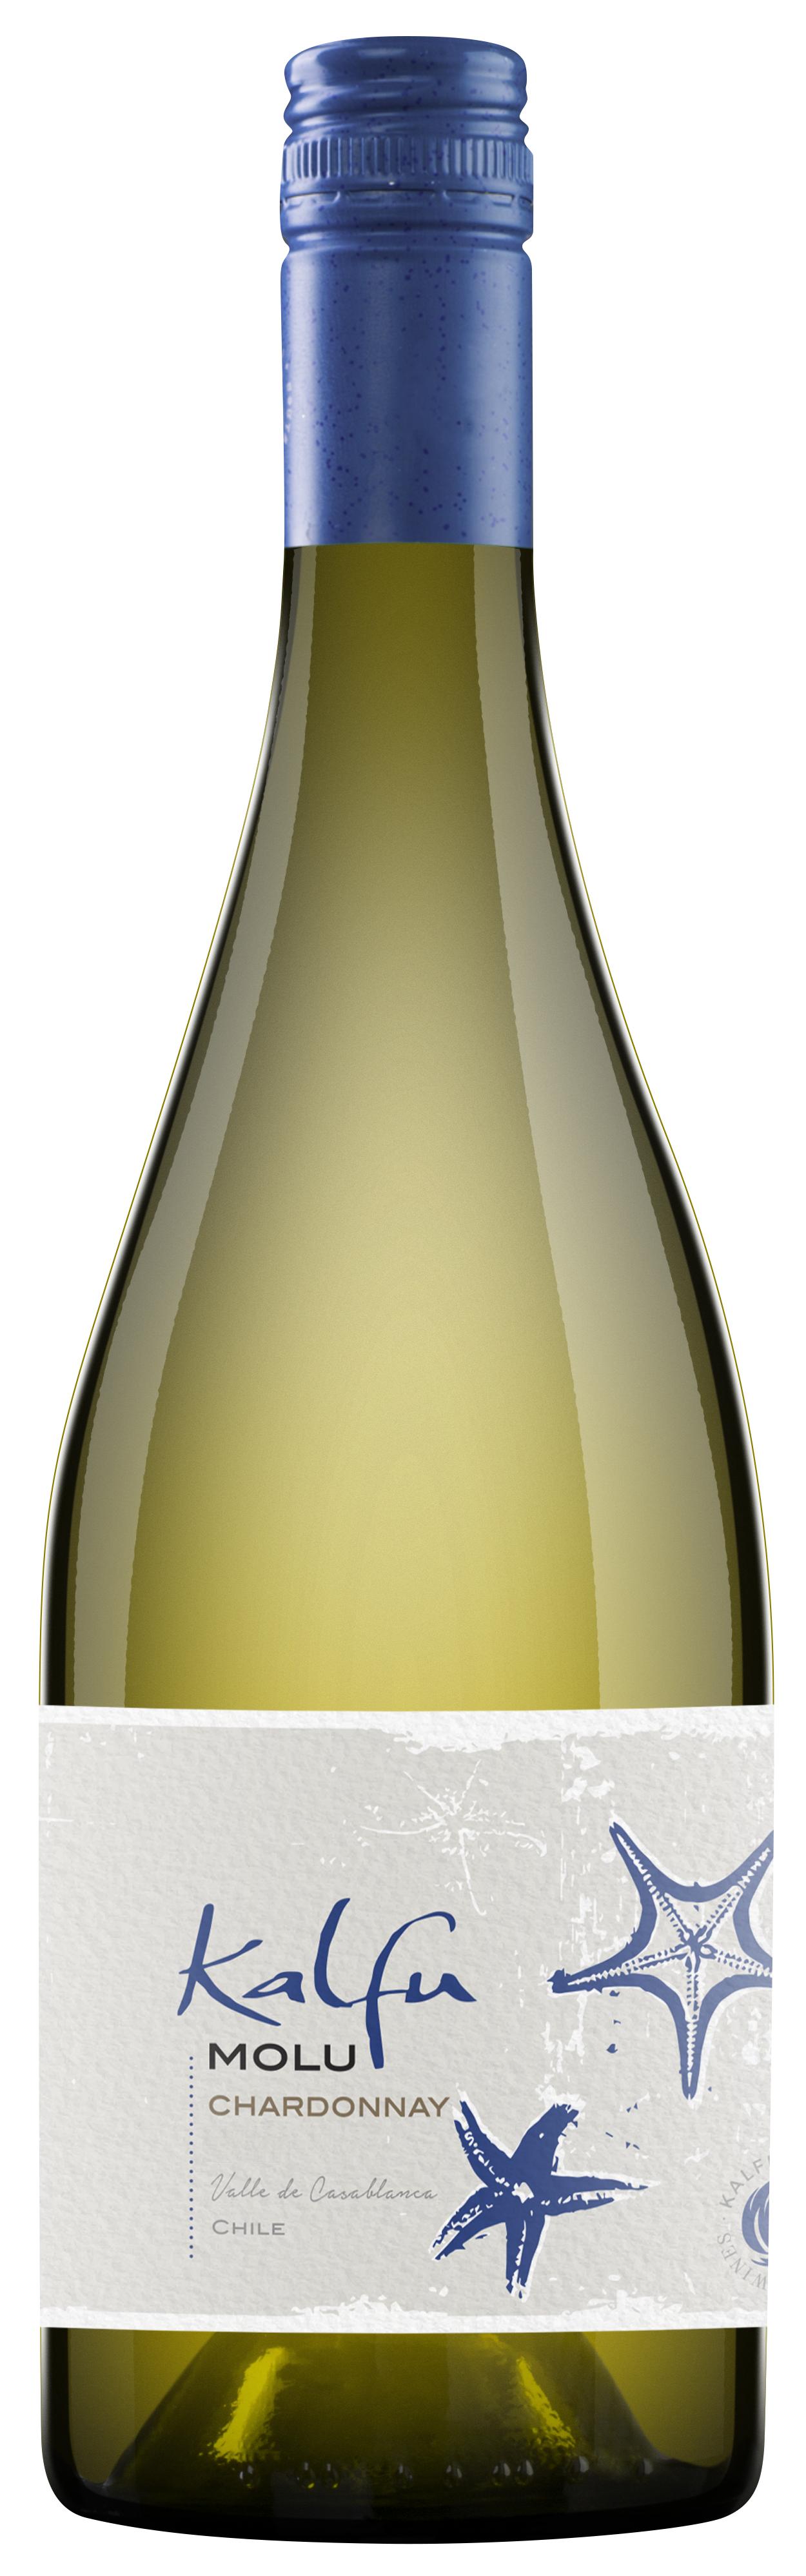 Molu Chardonnay